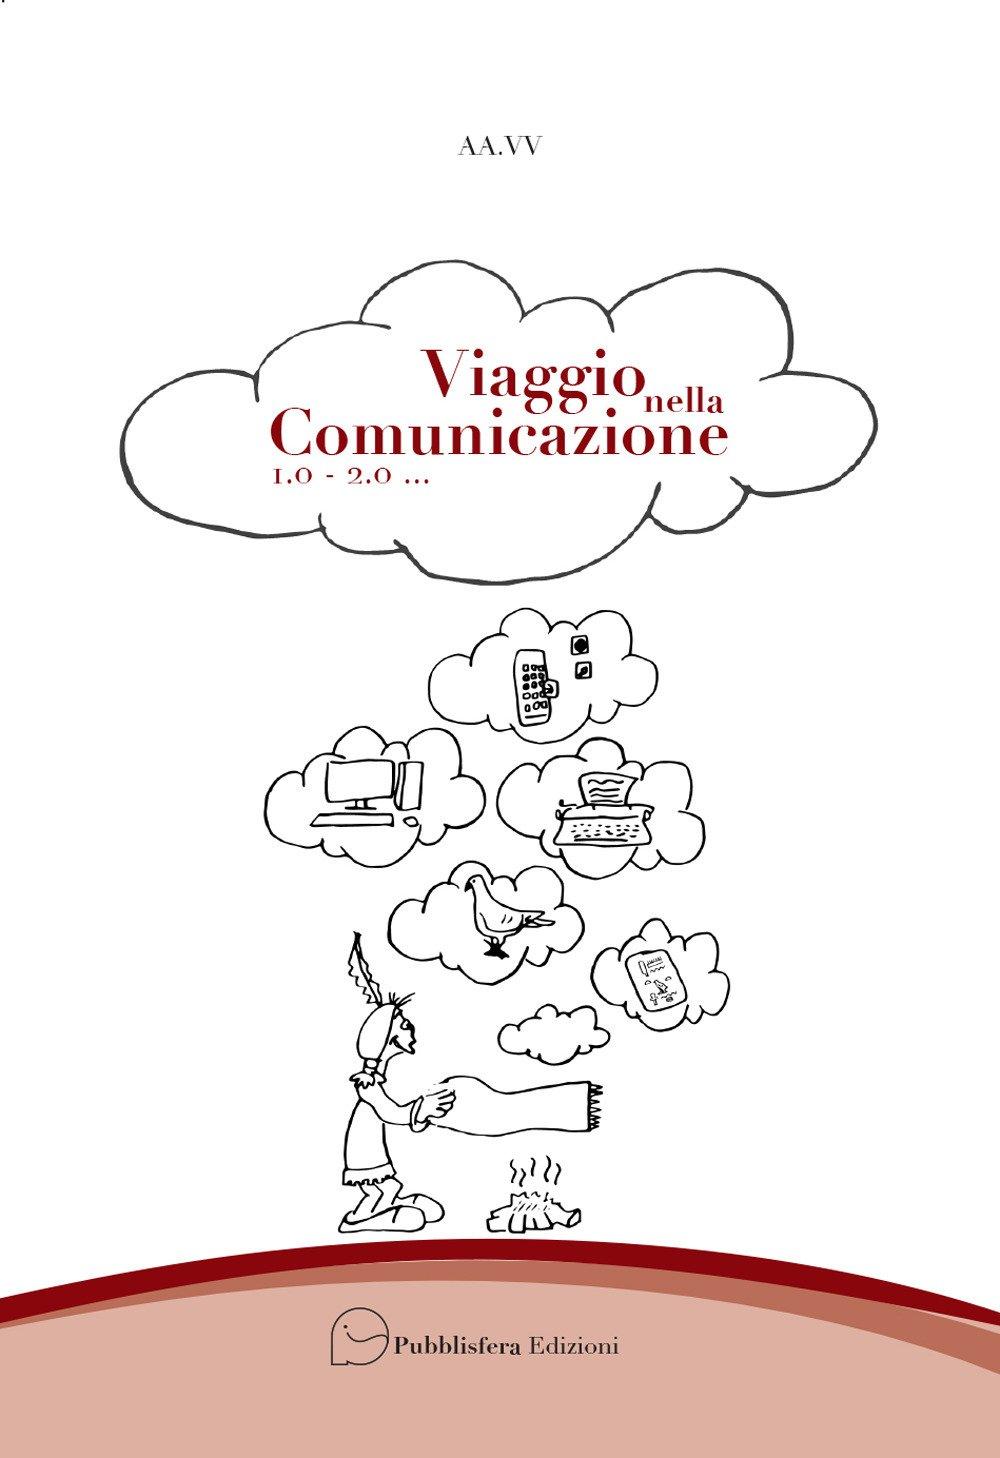 Viaggio nella comunicazione 1.0 - 2.0...